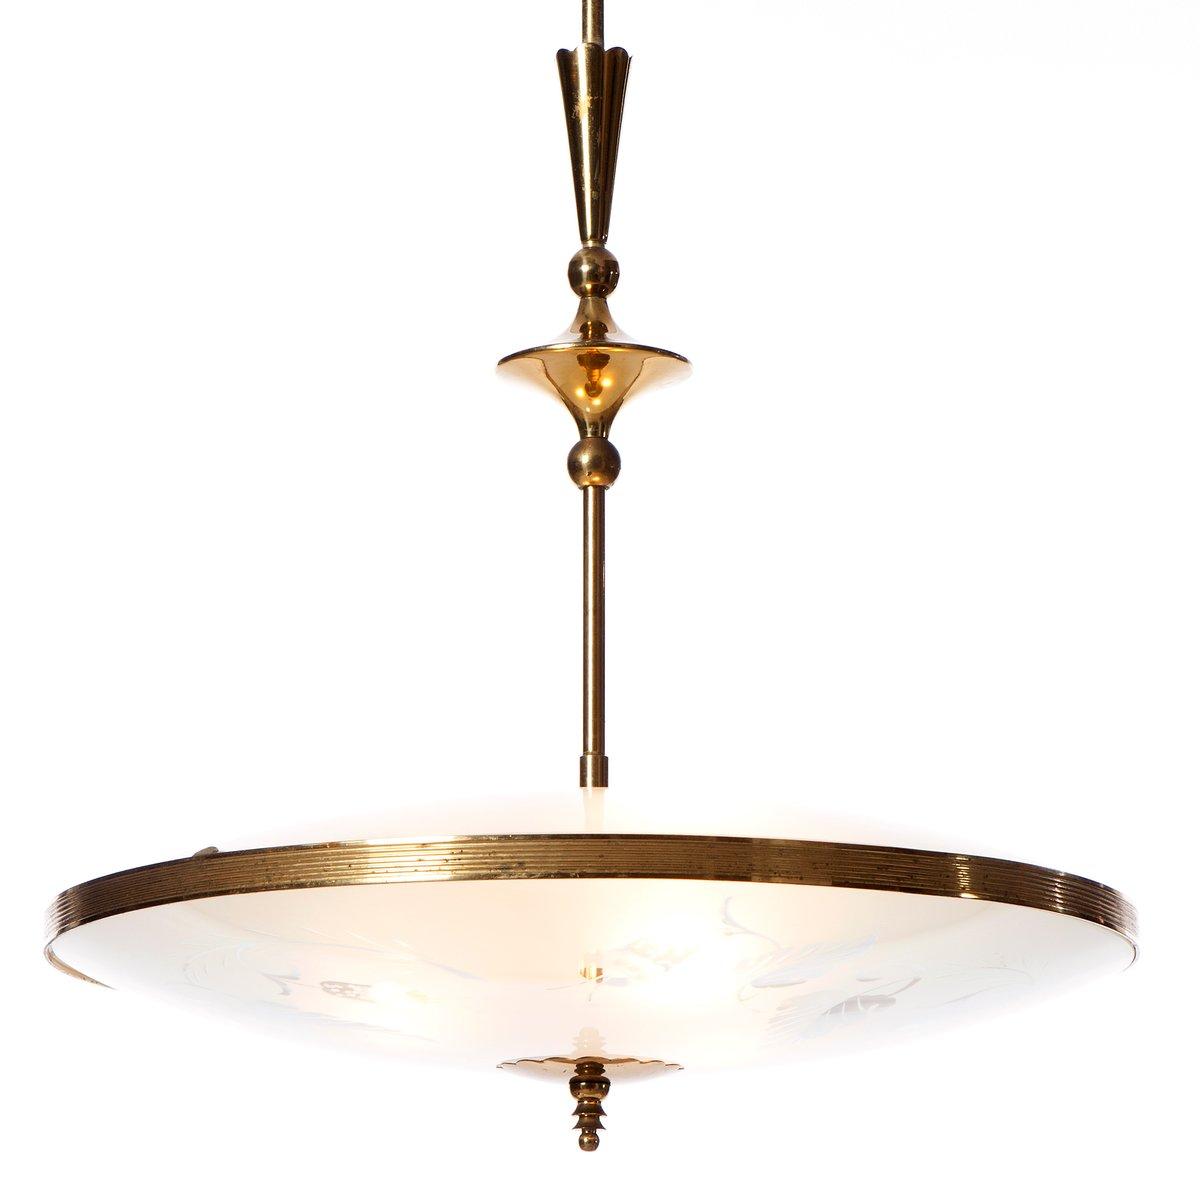 suspension trois lampes en verre et laiton 1940s en vente sur pamono. Black Bedroom Furniture Sets. Home Design Ideas